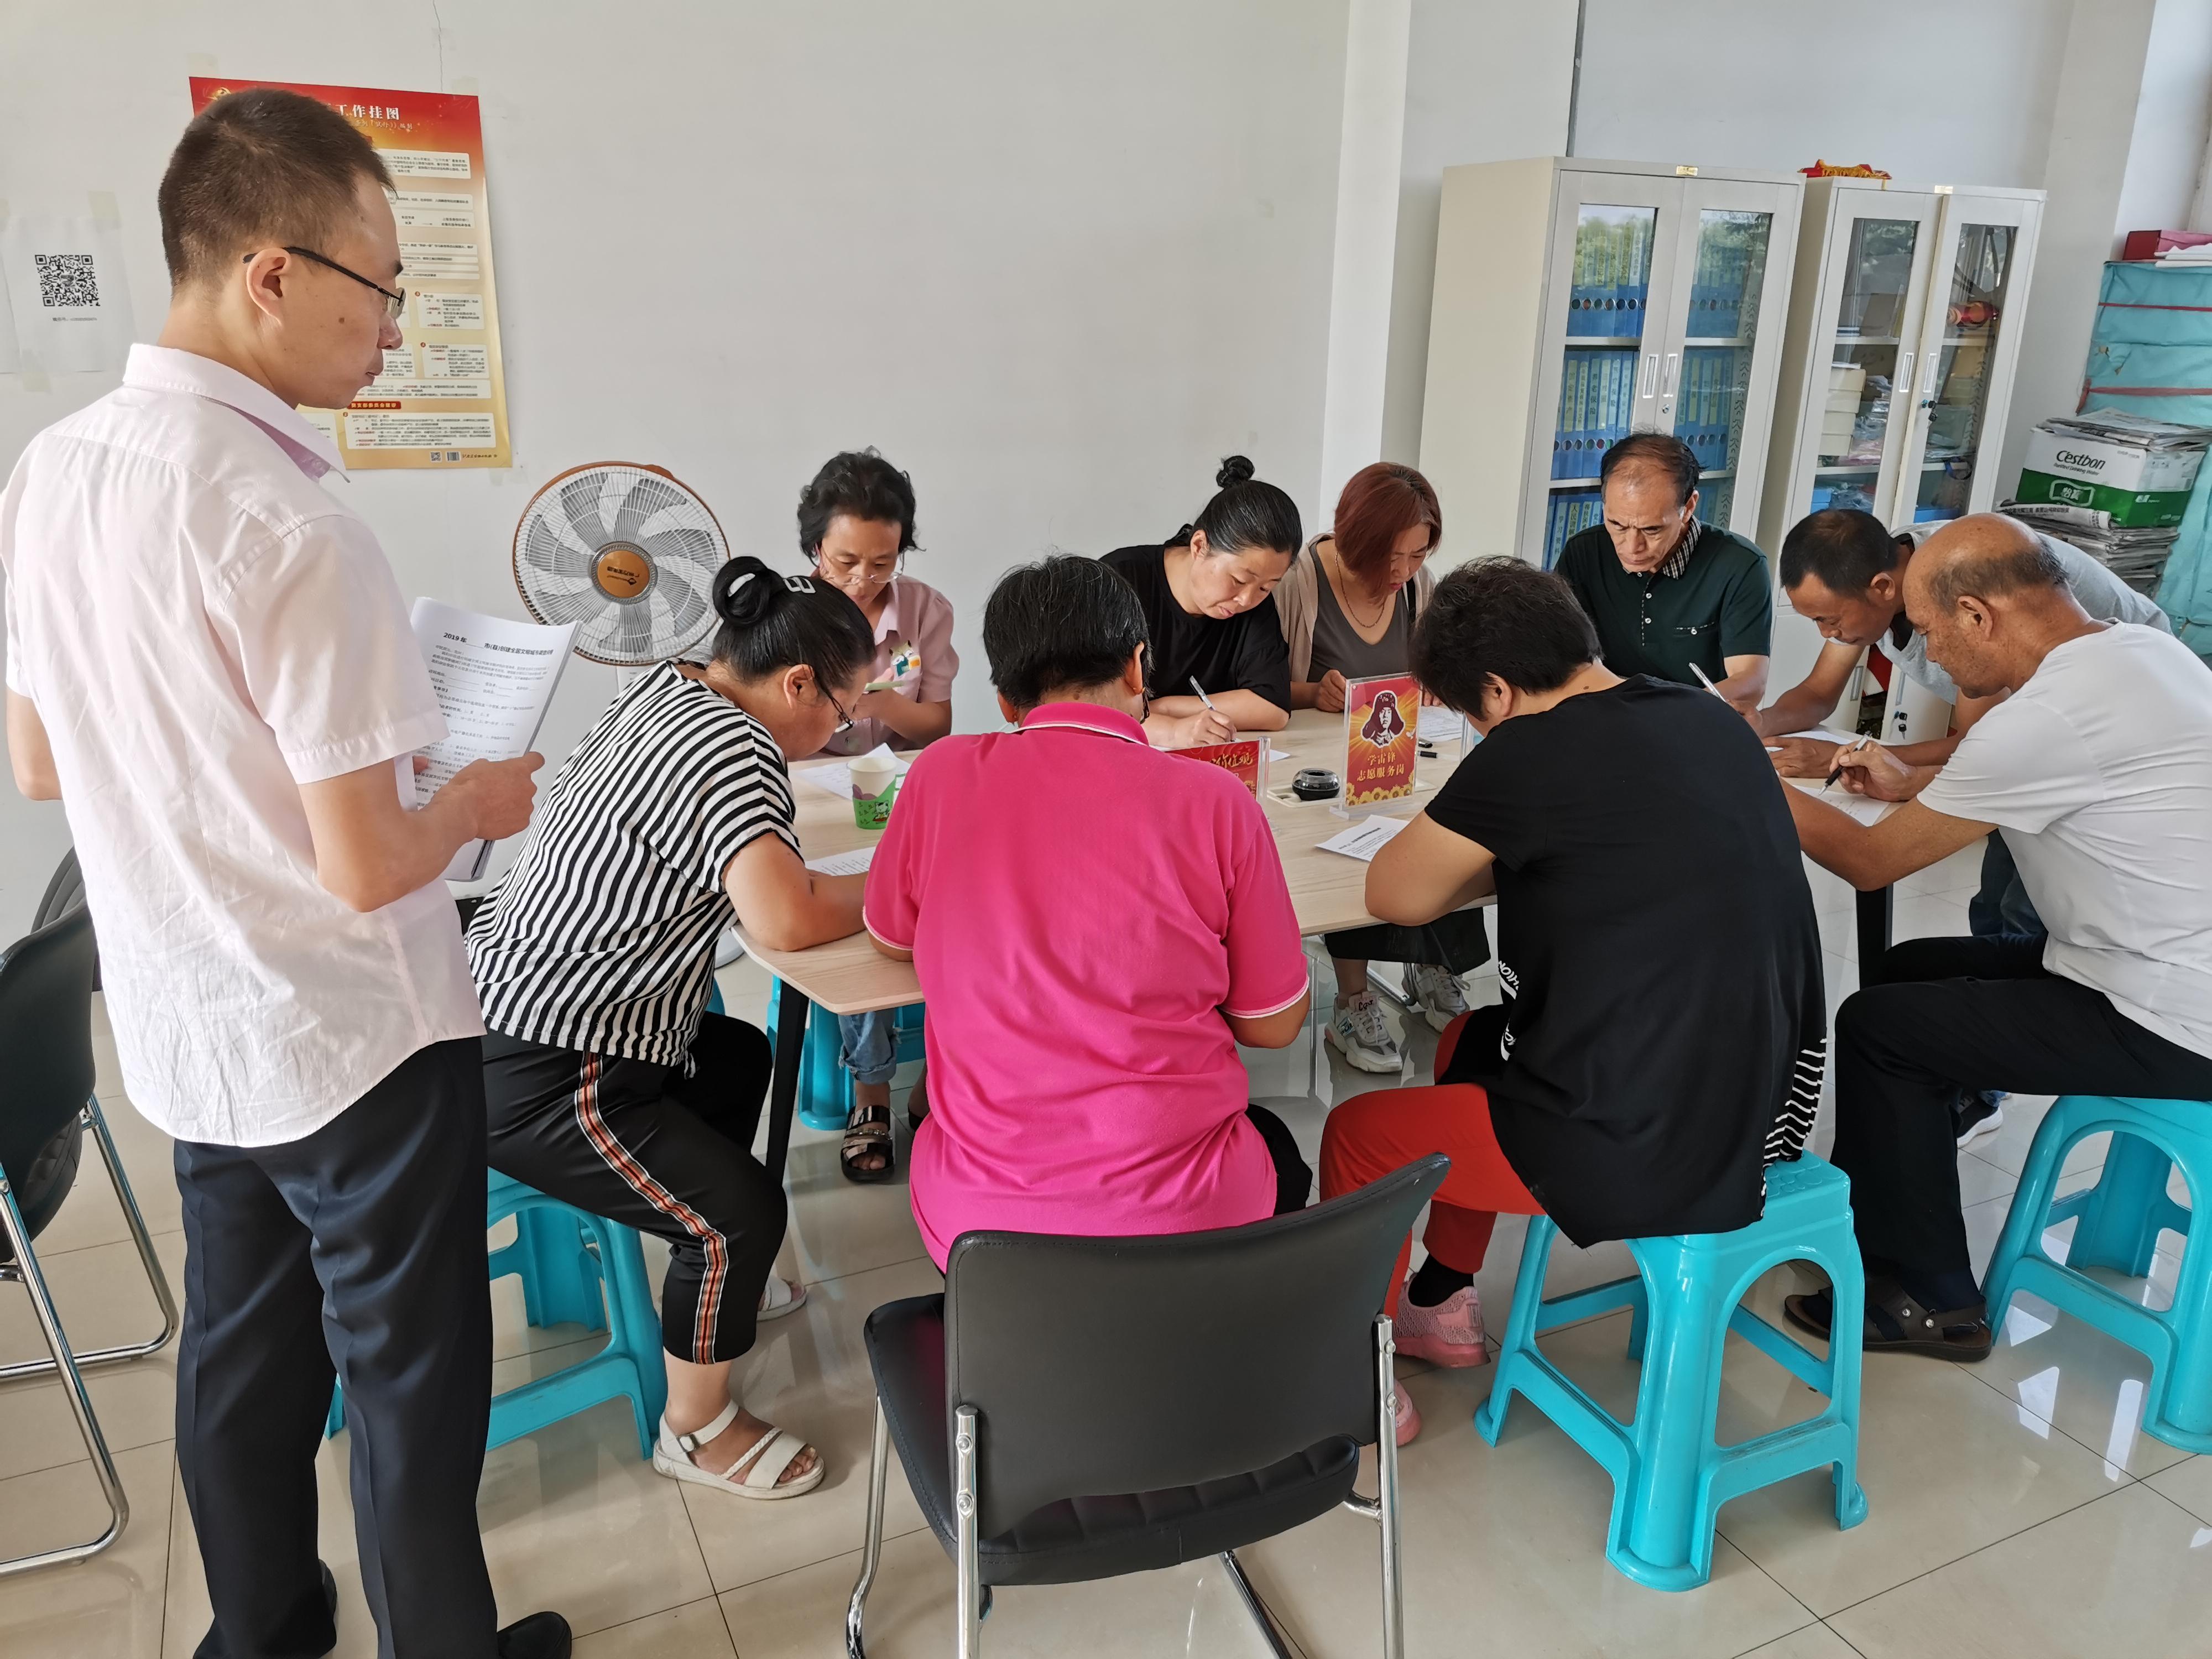 晋城高平市引入山西必威备网第三方评估公司测评文明城市创建工作